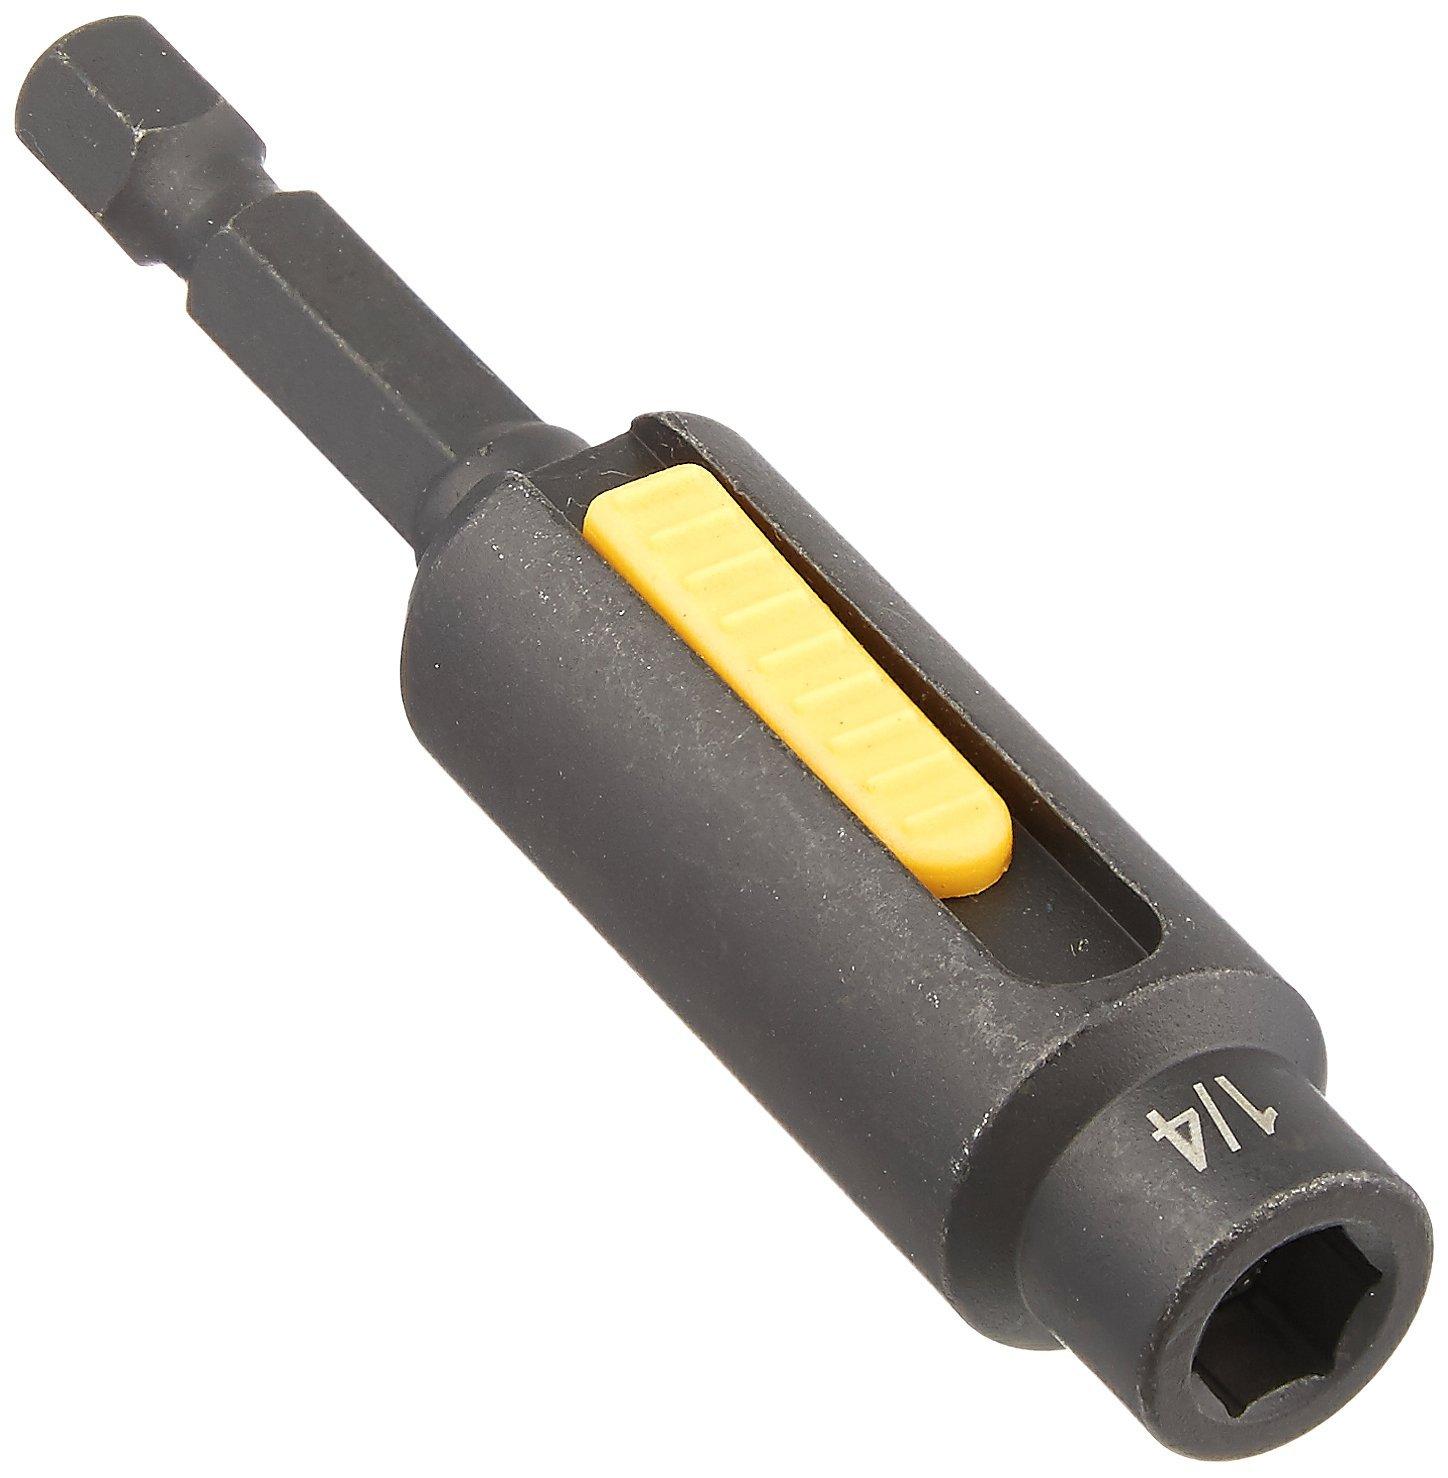 DEWALT DWA2221IR 1//4-Inch Impact Ready Cleanable Nutsetter